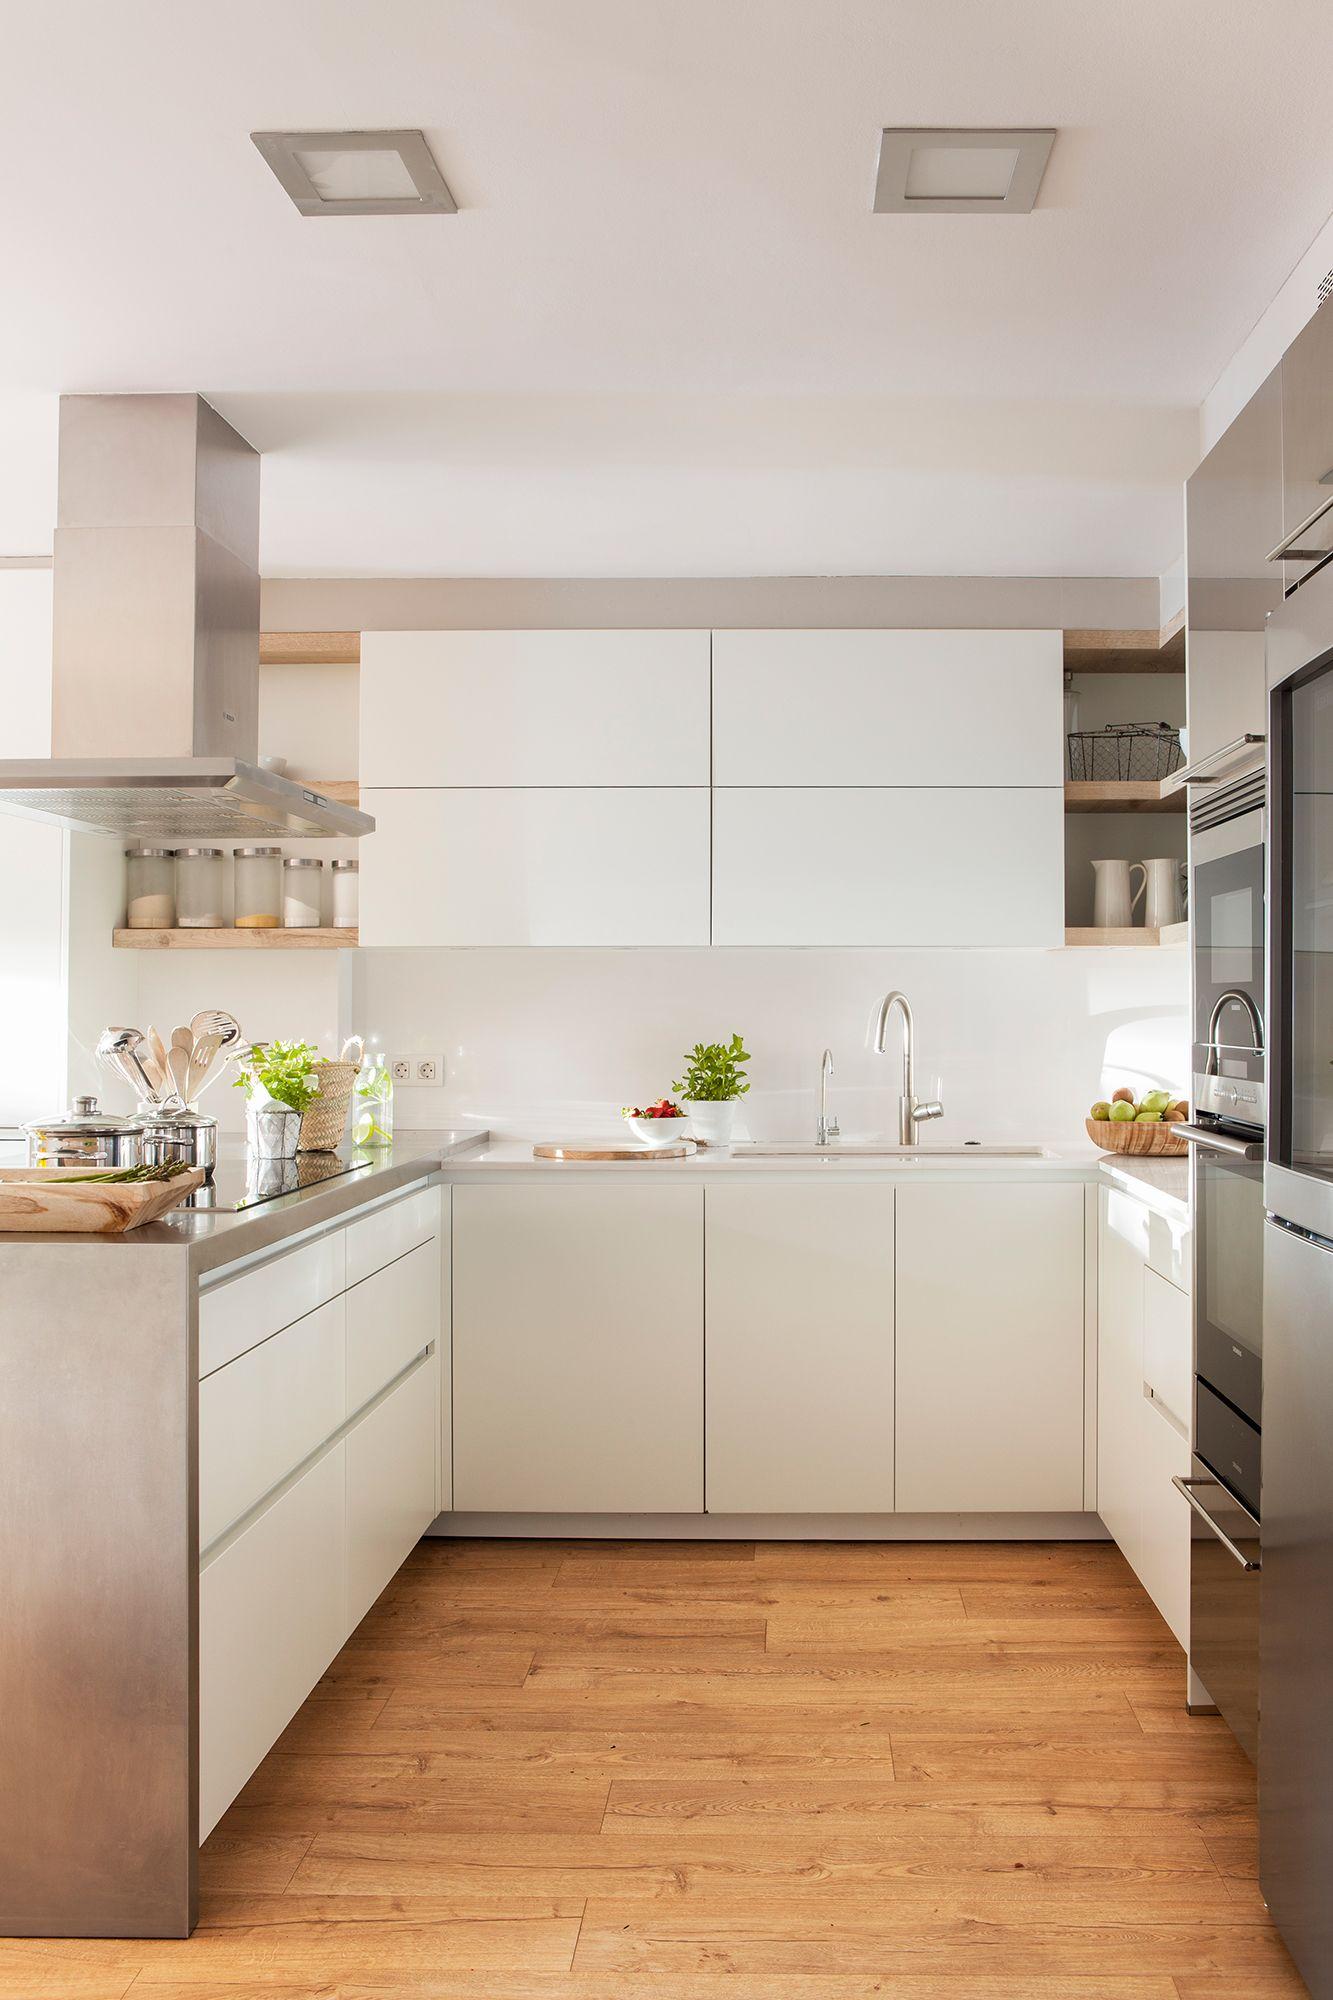 Cocina con muebles en blanco y suelo de madera_ 00429330 | Pinterest ...